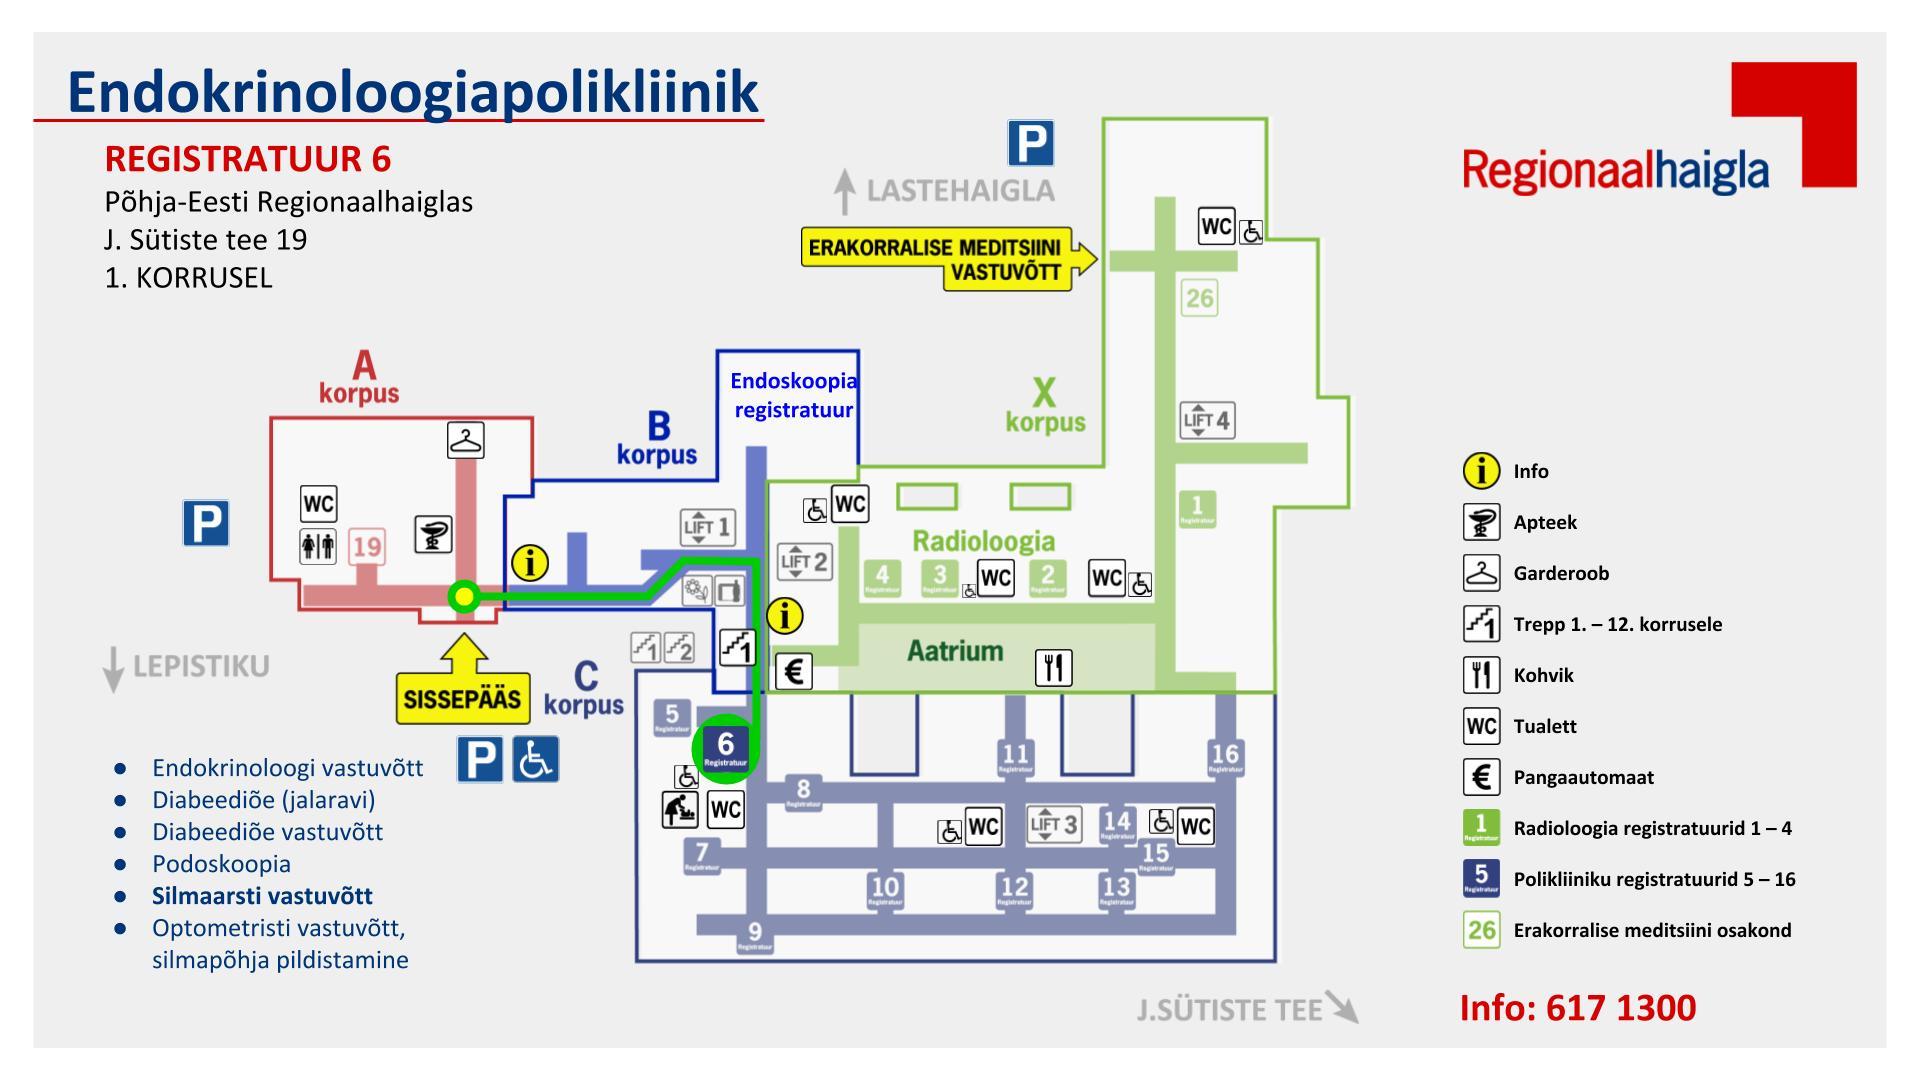 1292b542bde Polikliinikute teekonnakaardid registratuur 6 endokrinoloogia.  Endokrinoloogiapolikliinik